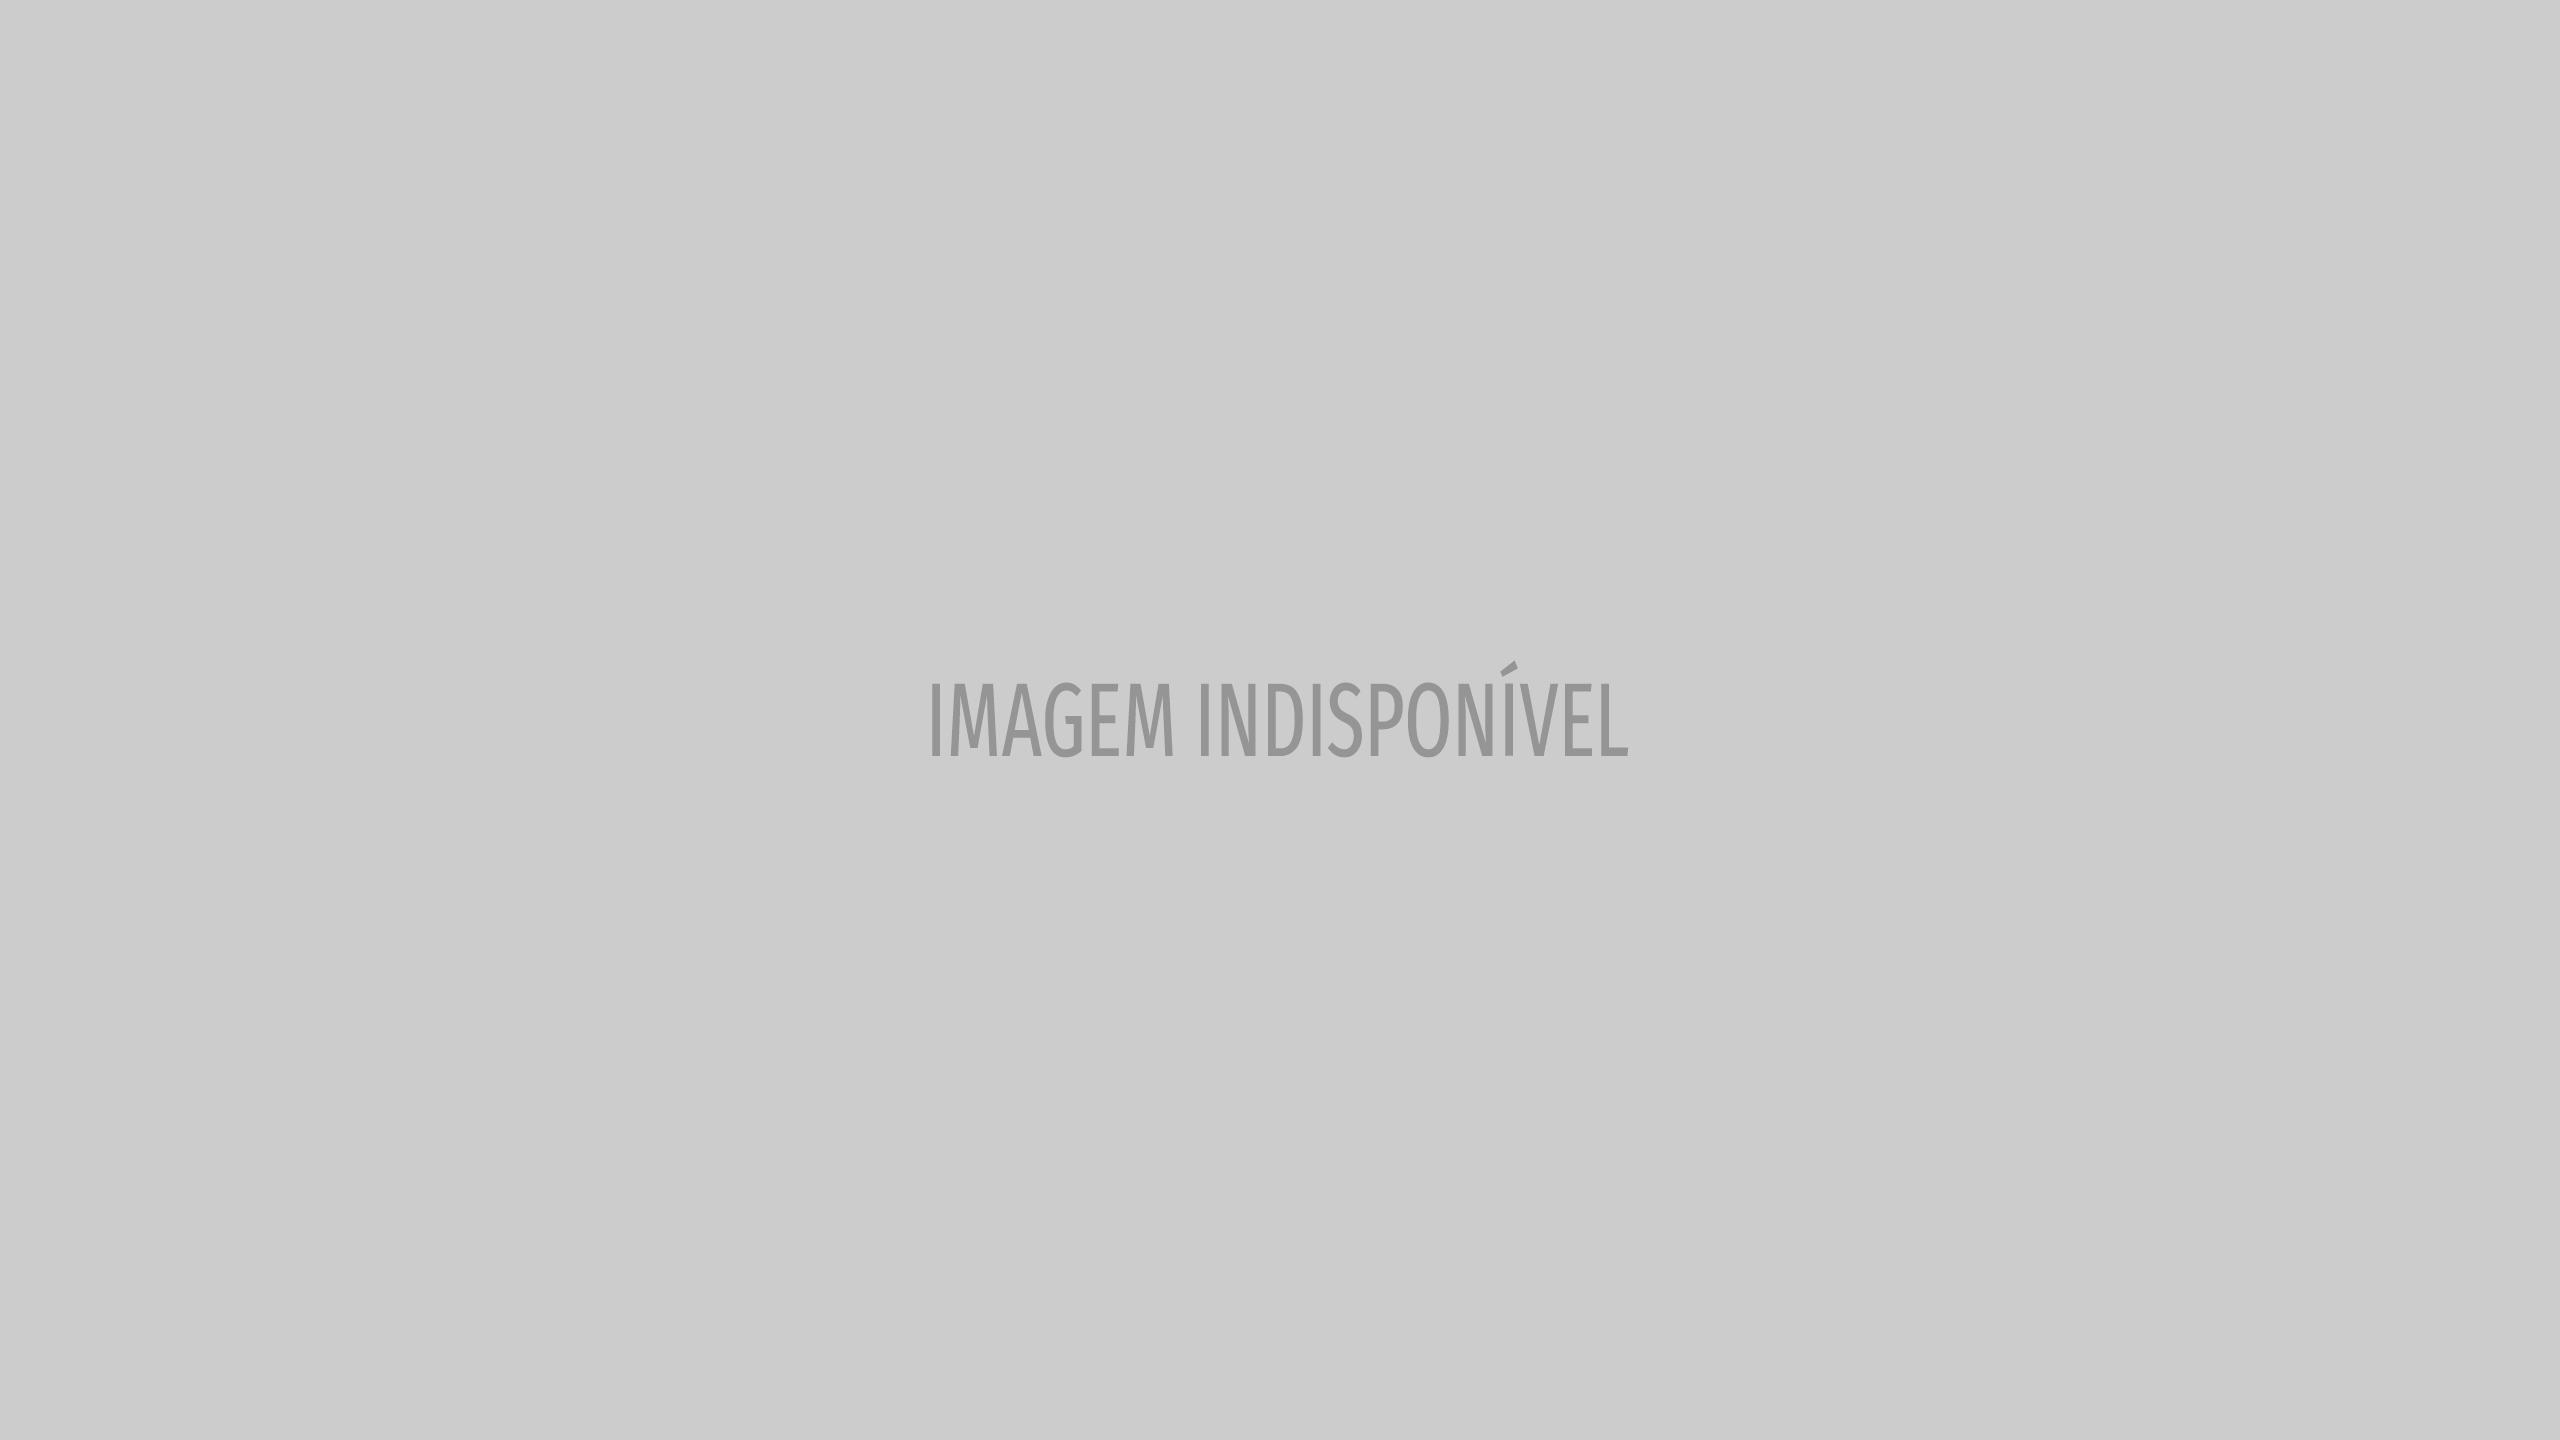 Fernanda Gentil comemora 3 anos com sua mulher: 'Amor da minha vida'